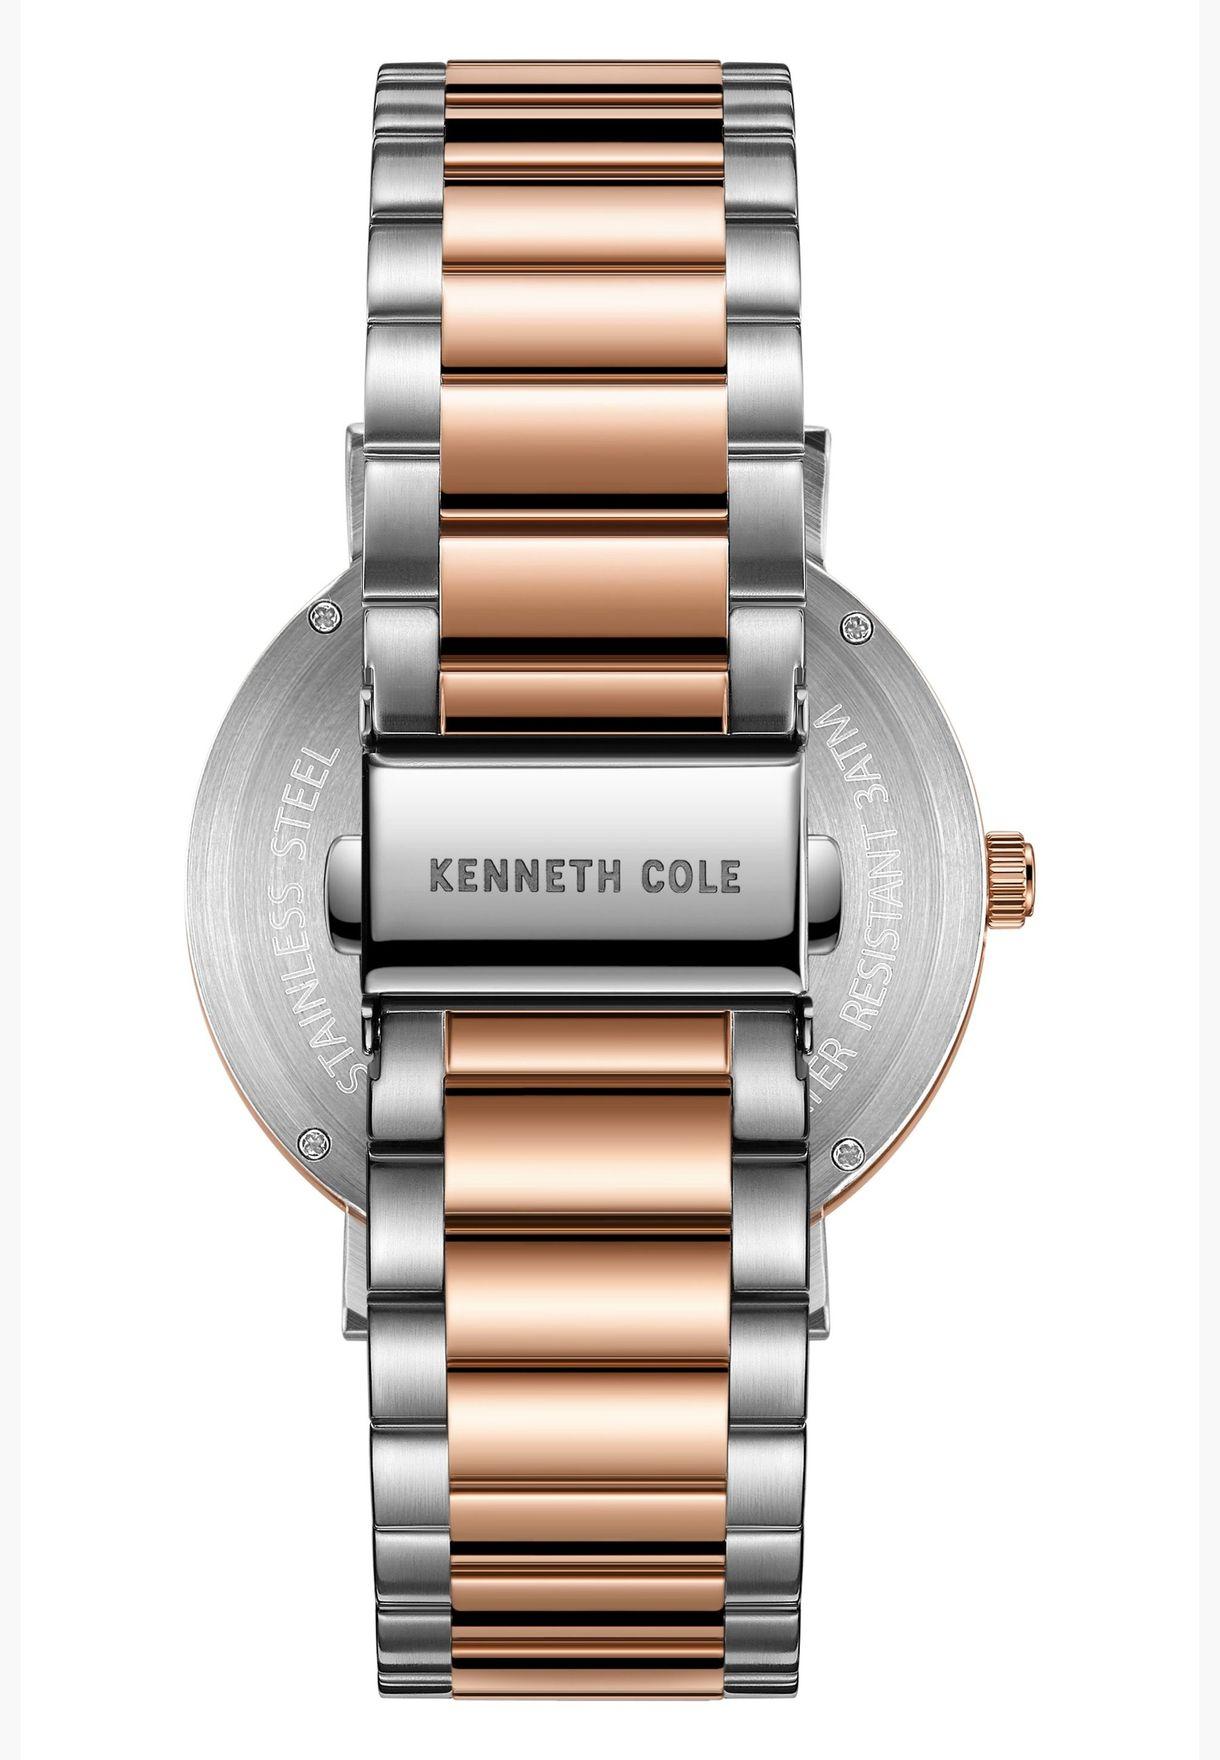 كينيث كول طقم ساعة يد بسوار ستانلس ستيل للرجال - KC51027002